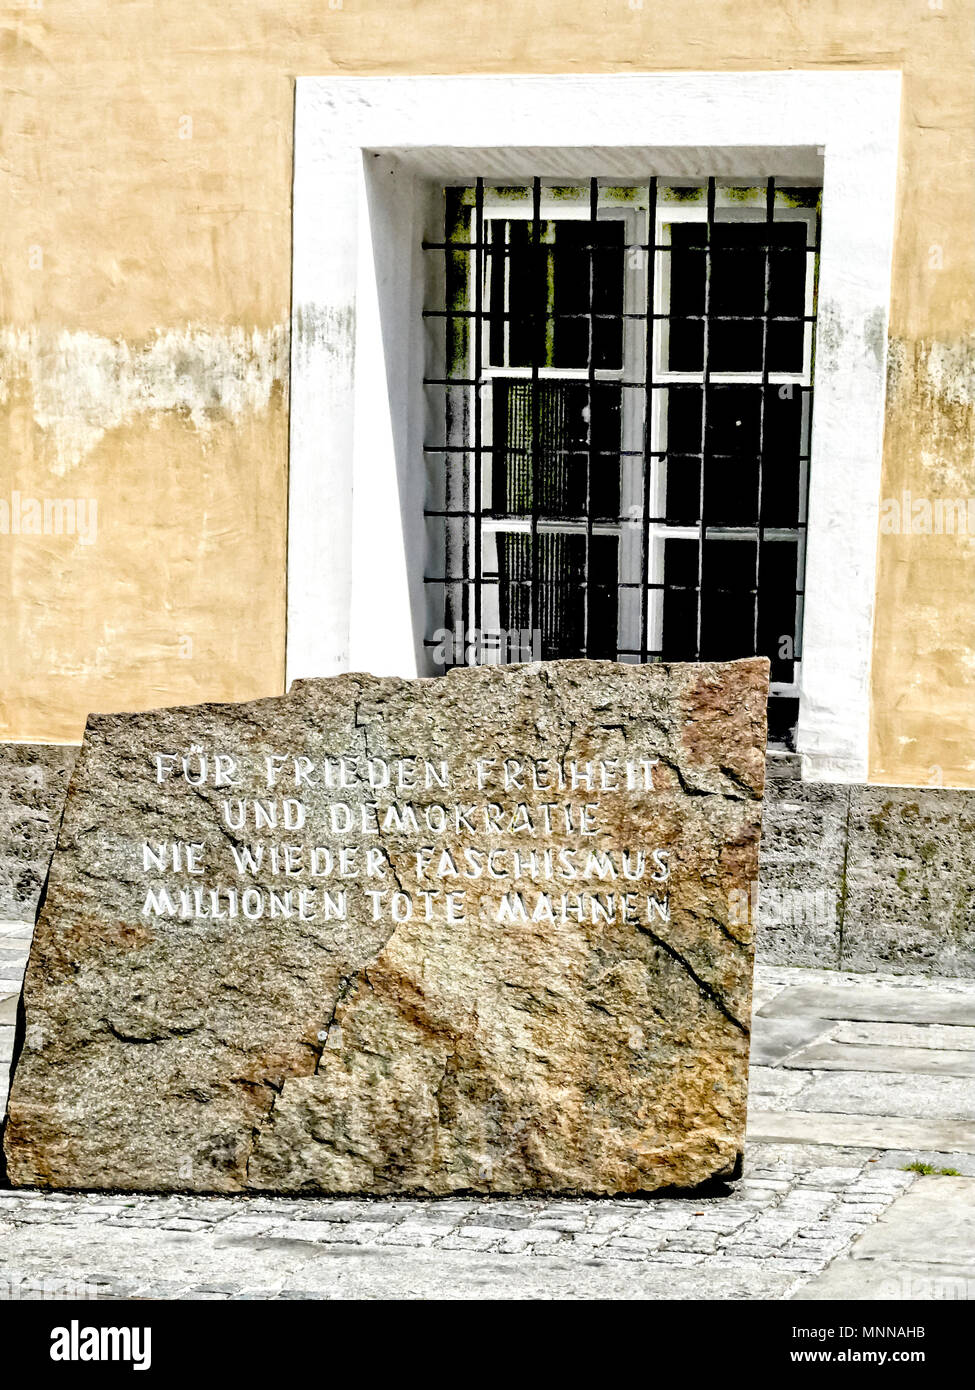 Brauna am Inn (Austria): Hitler's Birthplace; Hitlers Geburtshaus Stock Photo